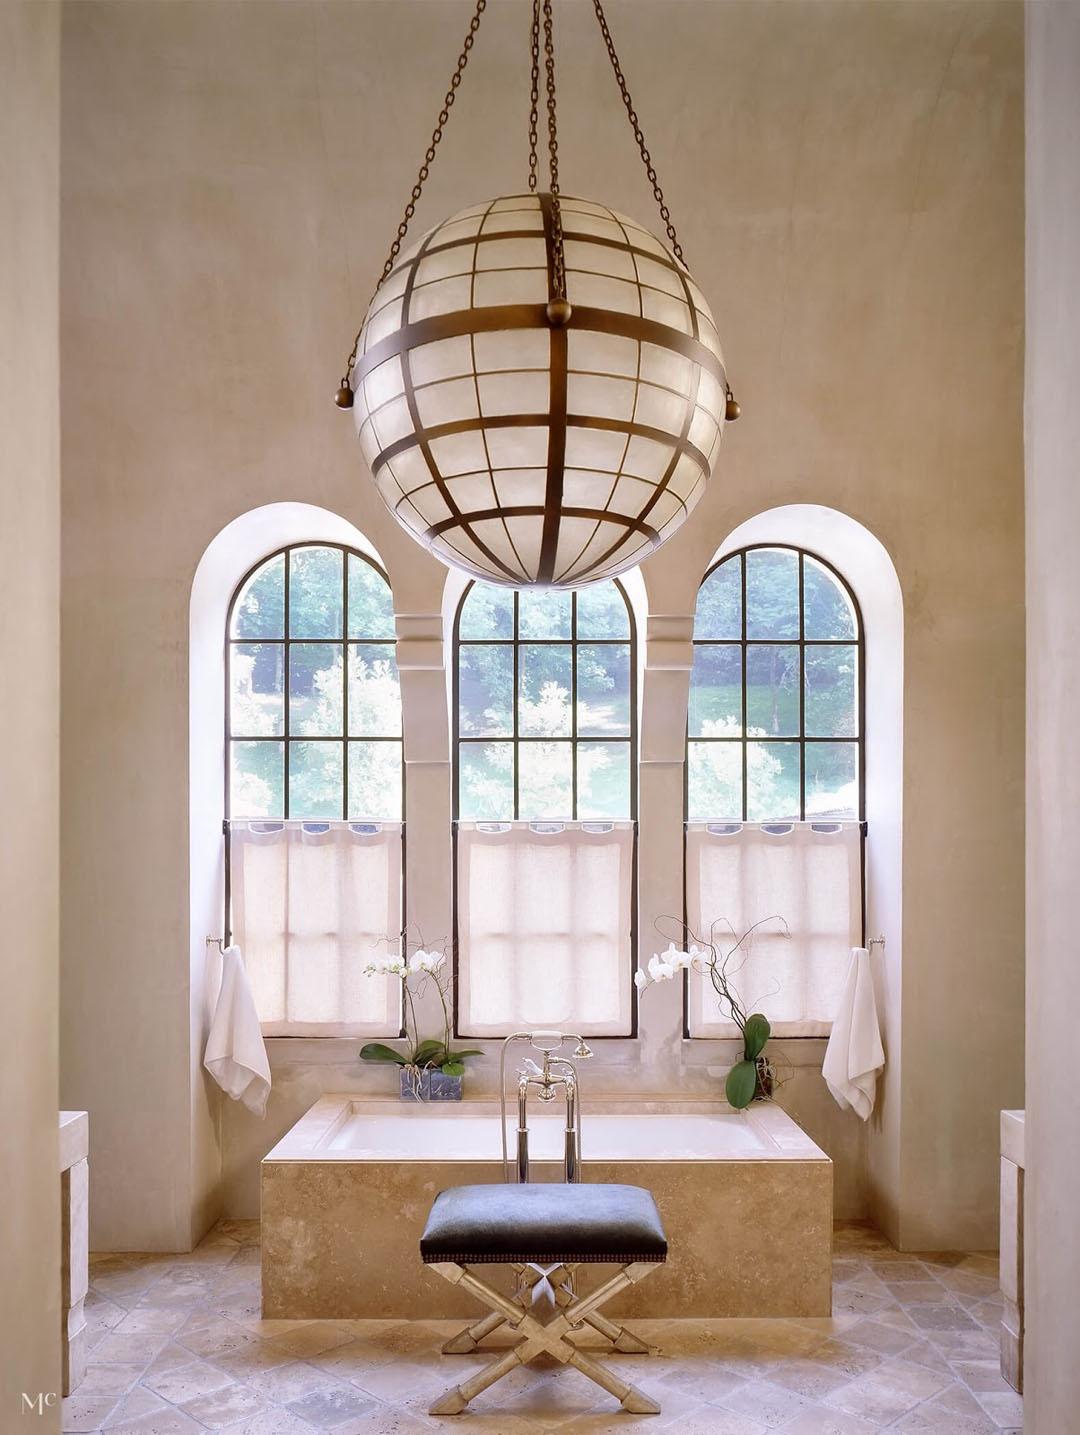 Elegant Bathroom with Arch Windows